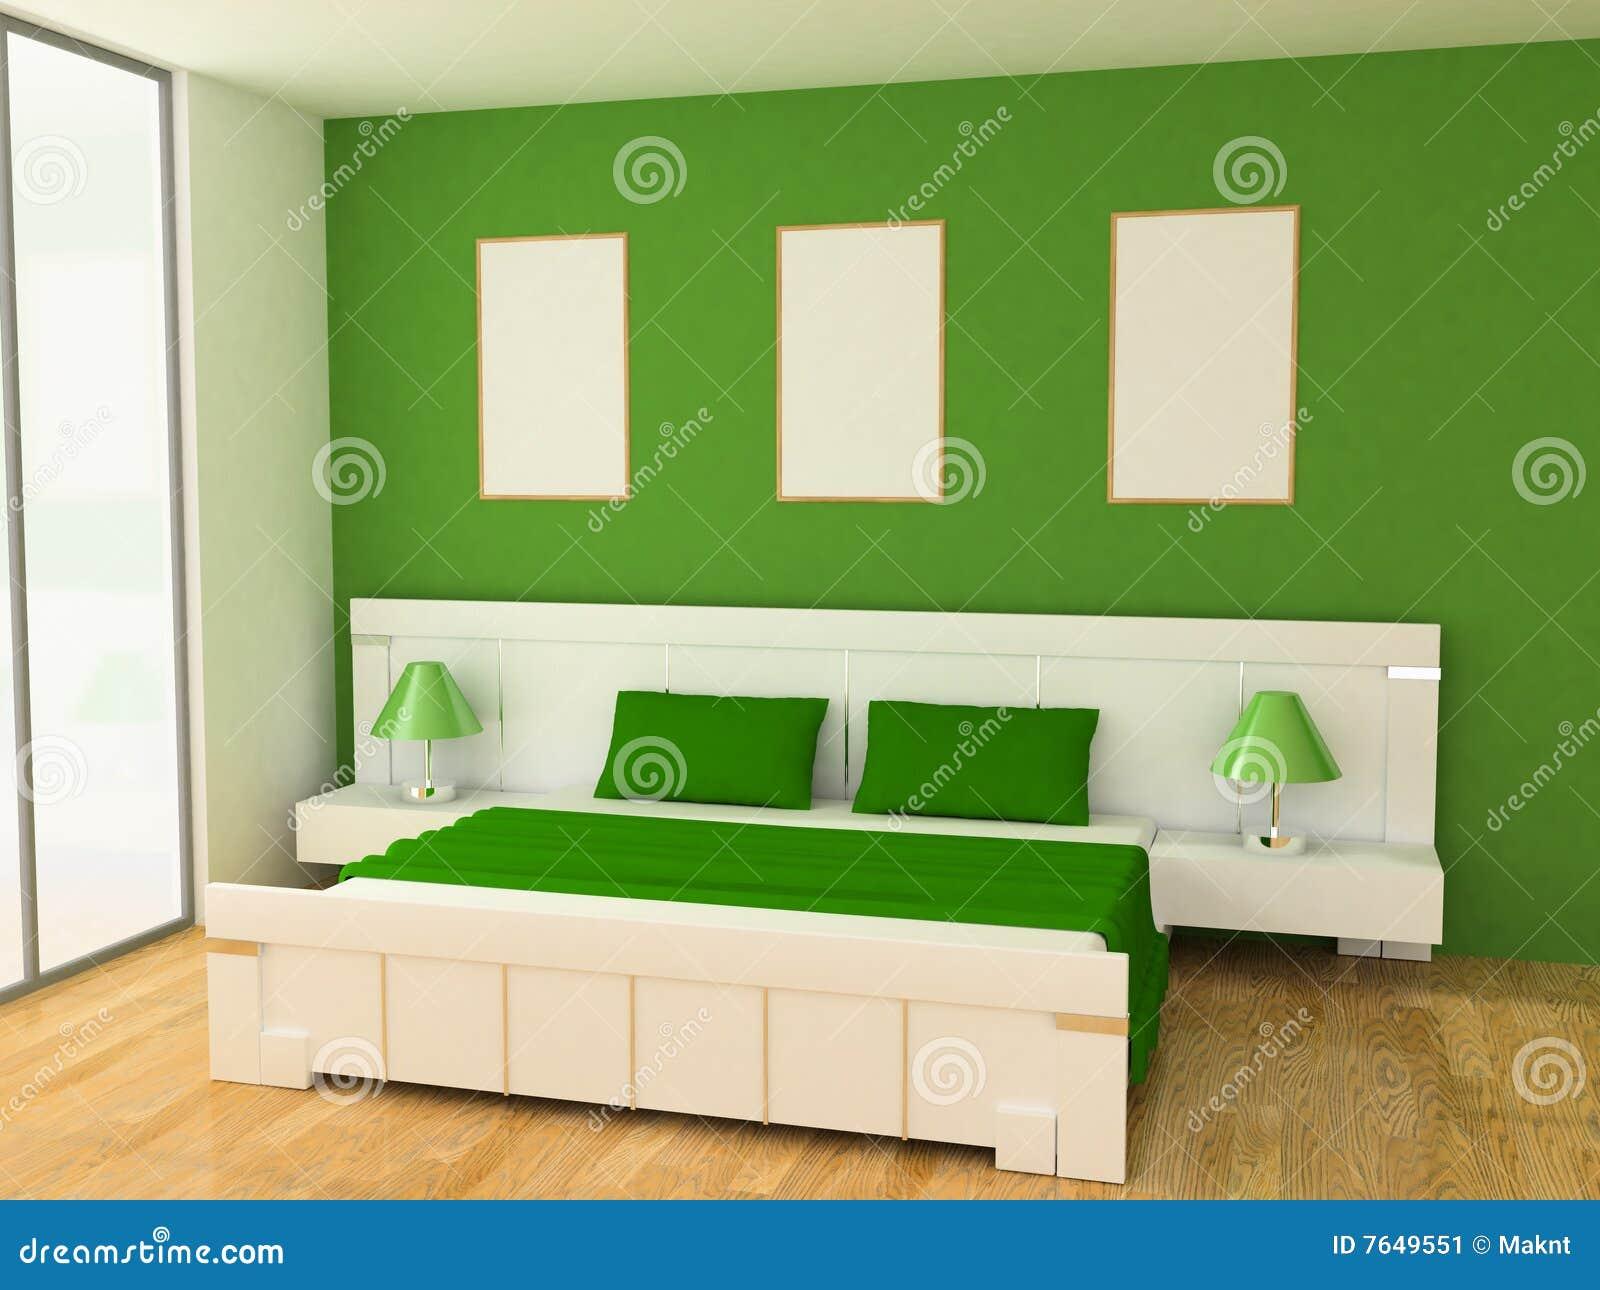 Interiore della camera da letto illustrazione di stock - Descrizione della camera da letto ...